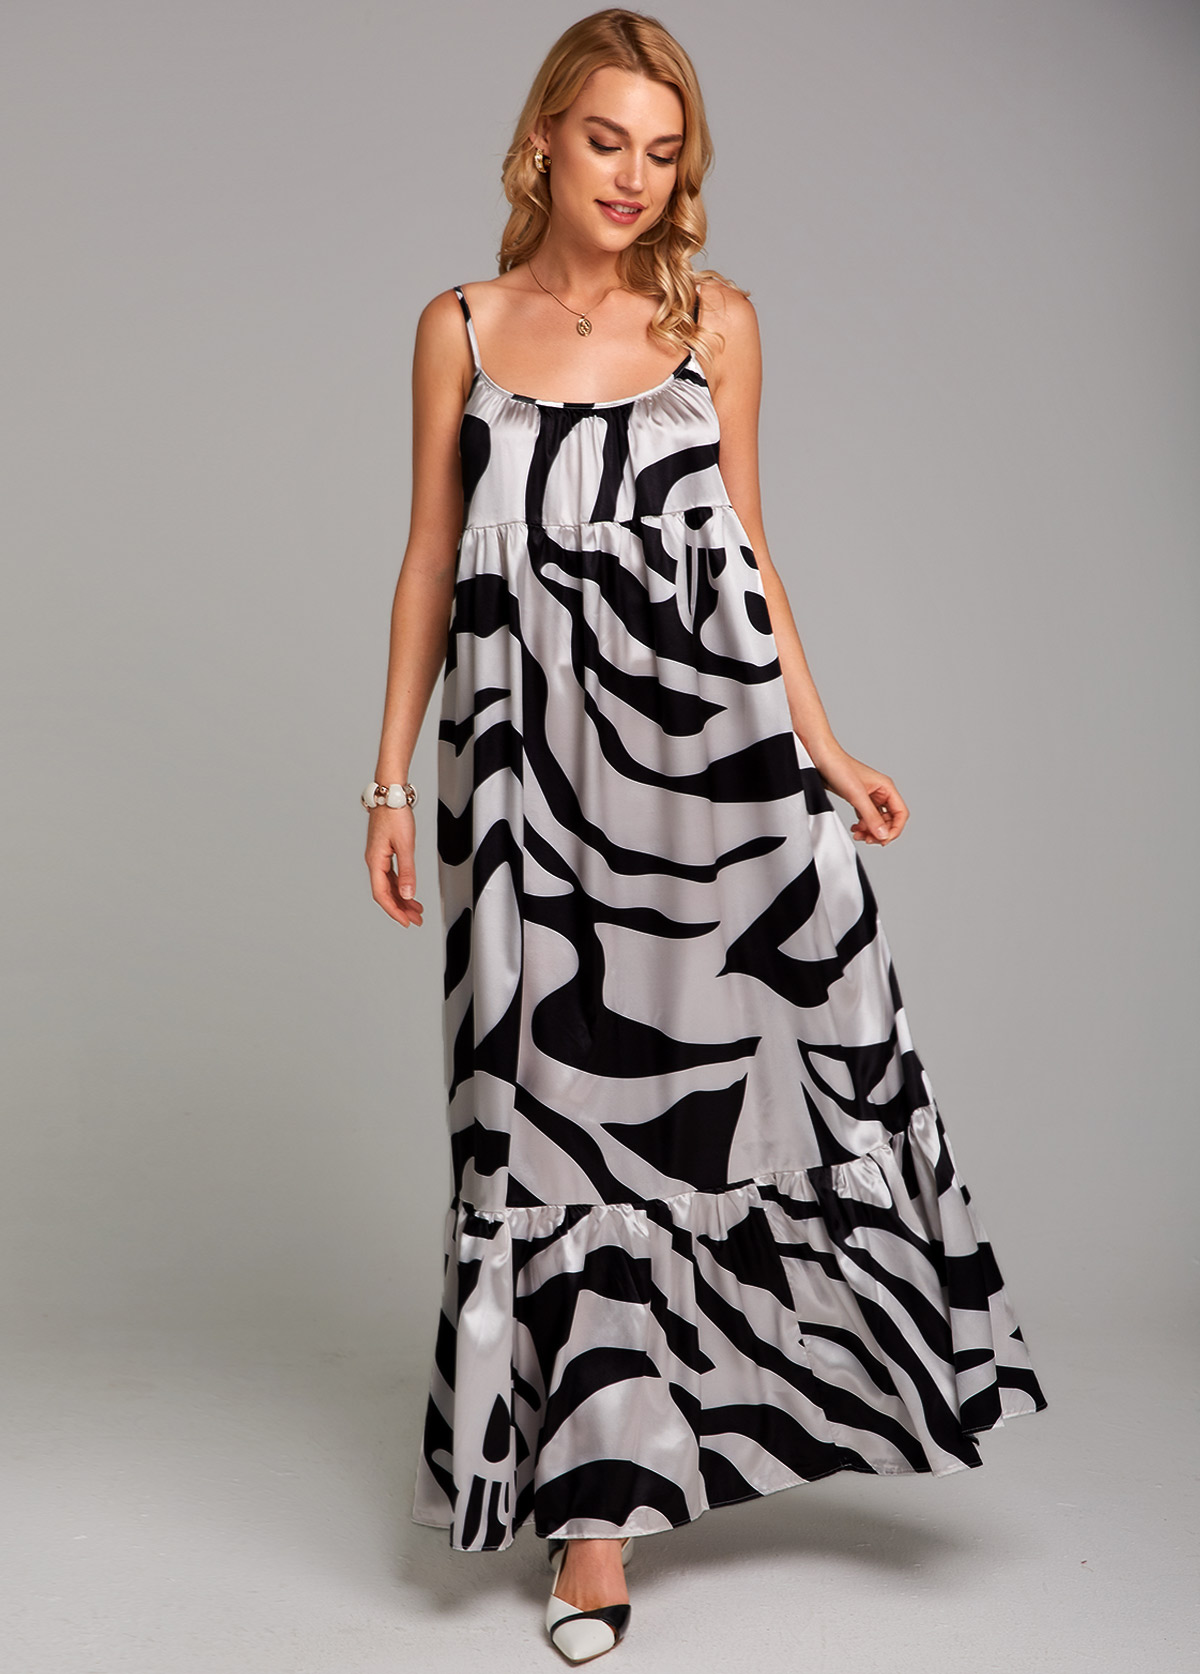 Zebra Print Spaghetti Strap Maxi Dress